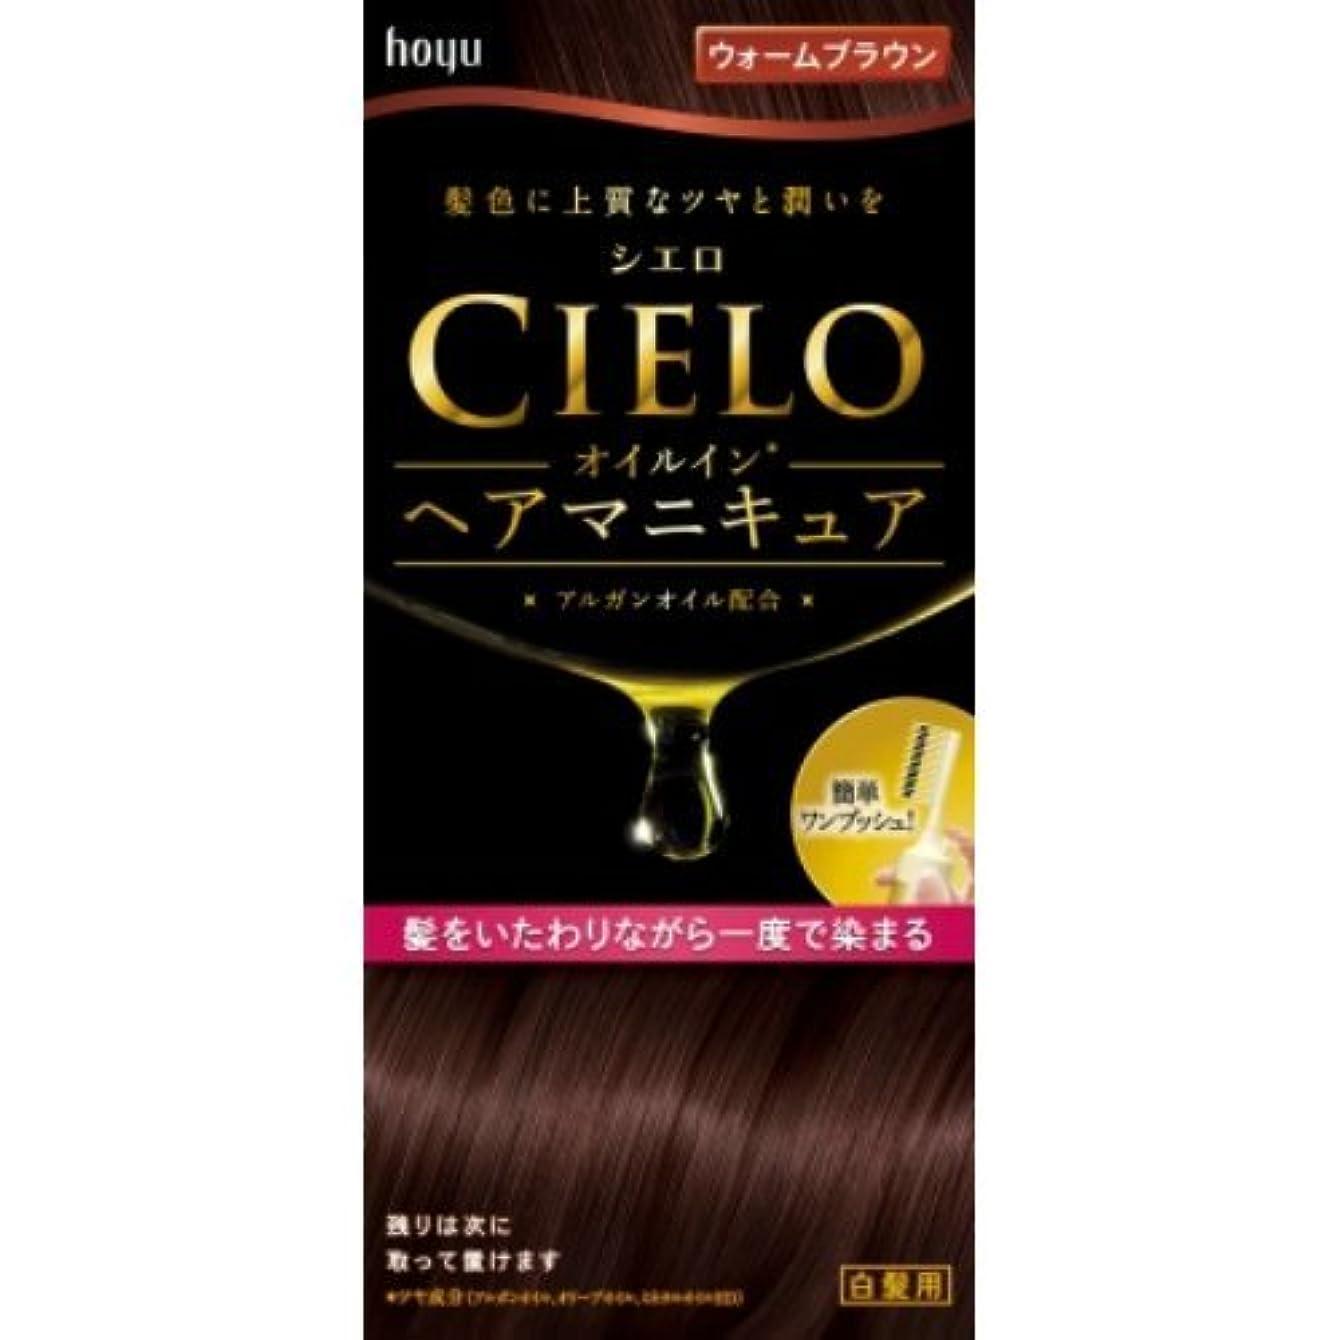 ハブブ適用する大声でシエロ オイルインヘアマニキュア ウォームブラウン × 3個セット